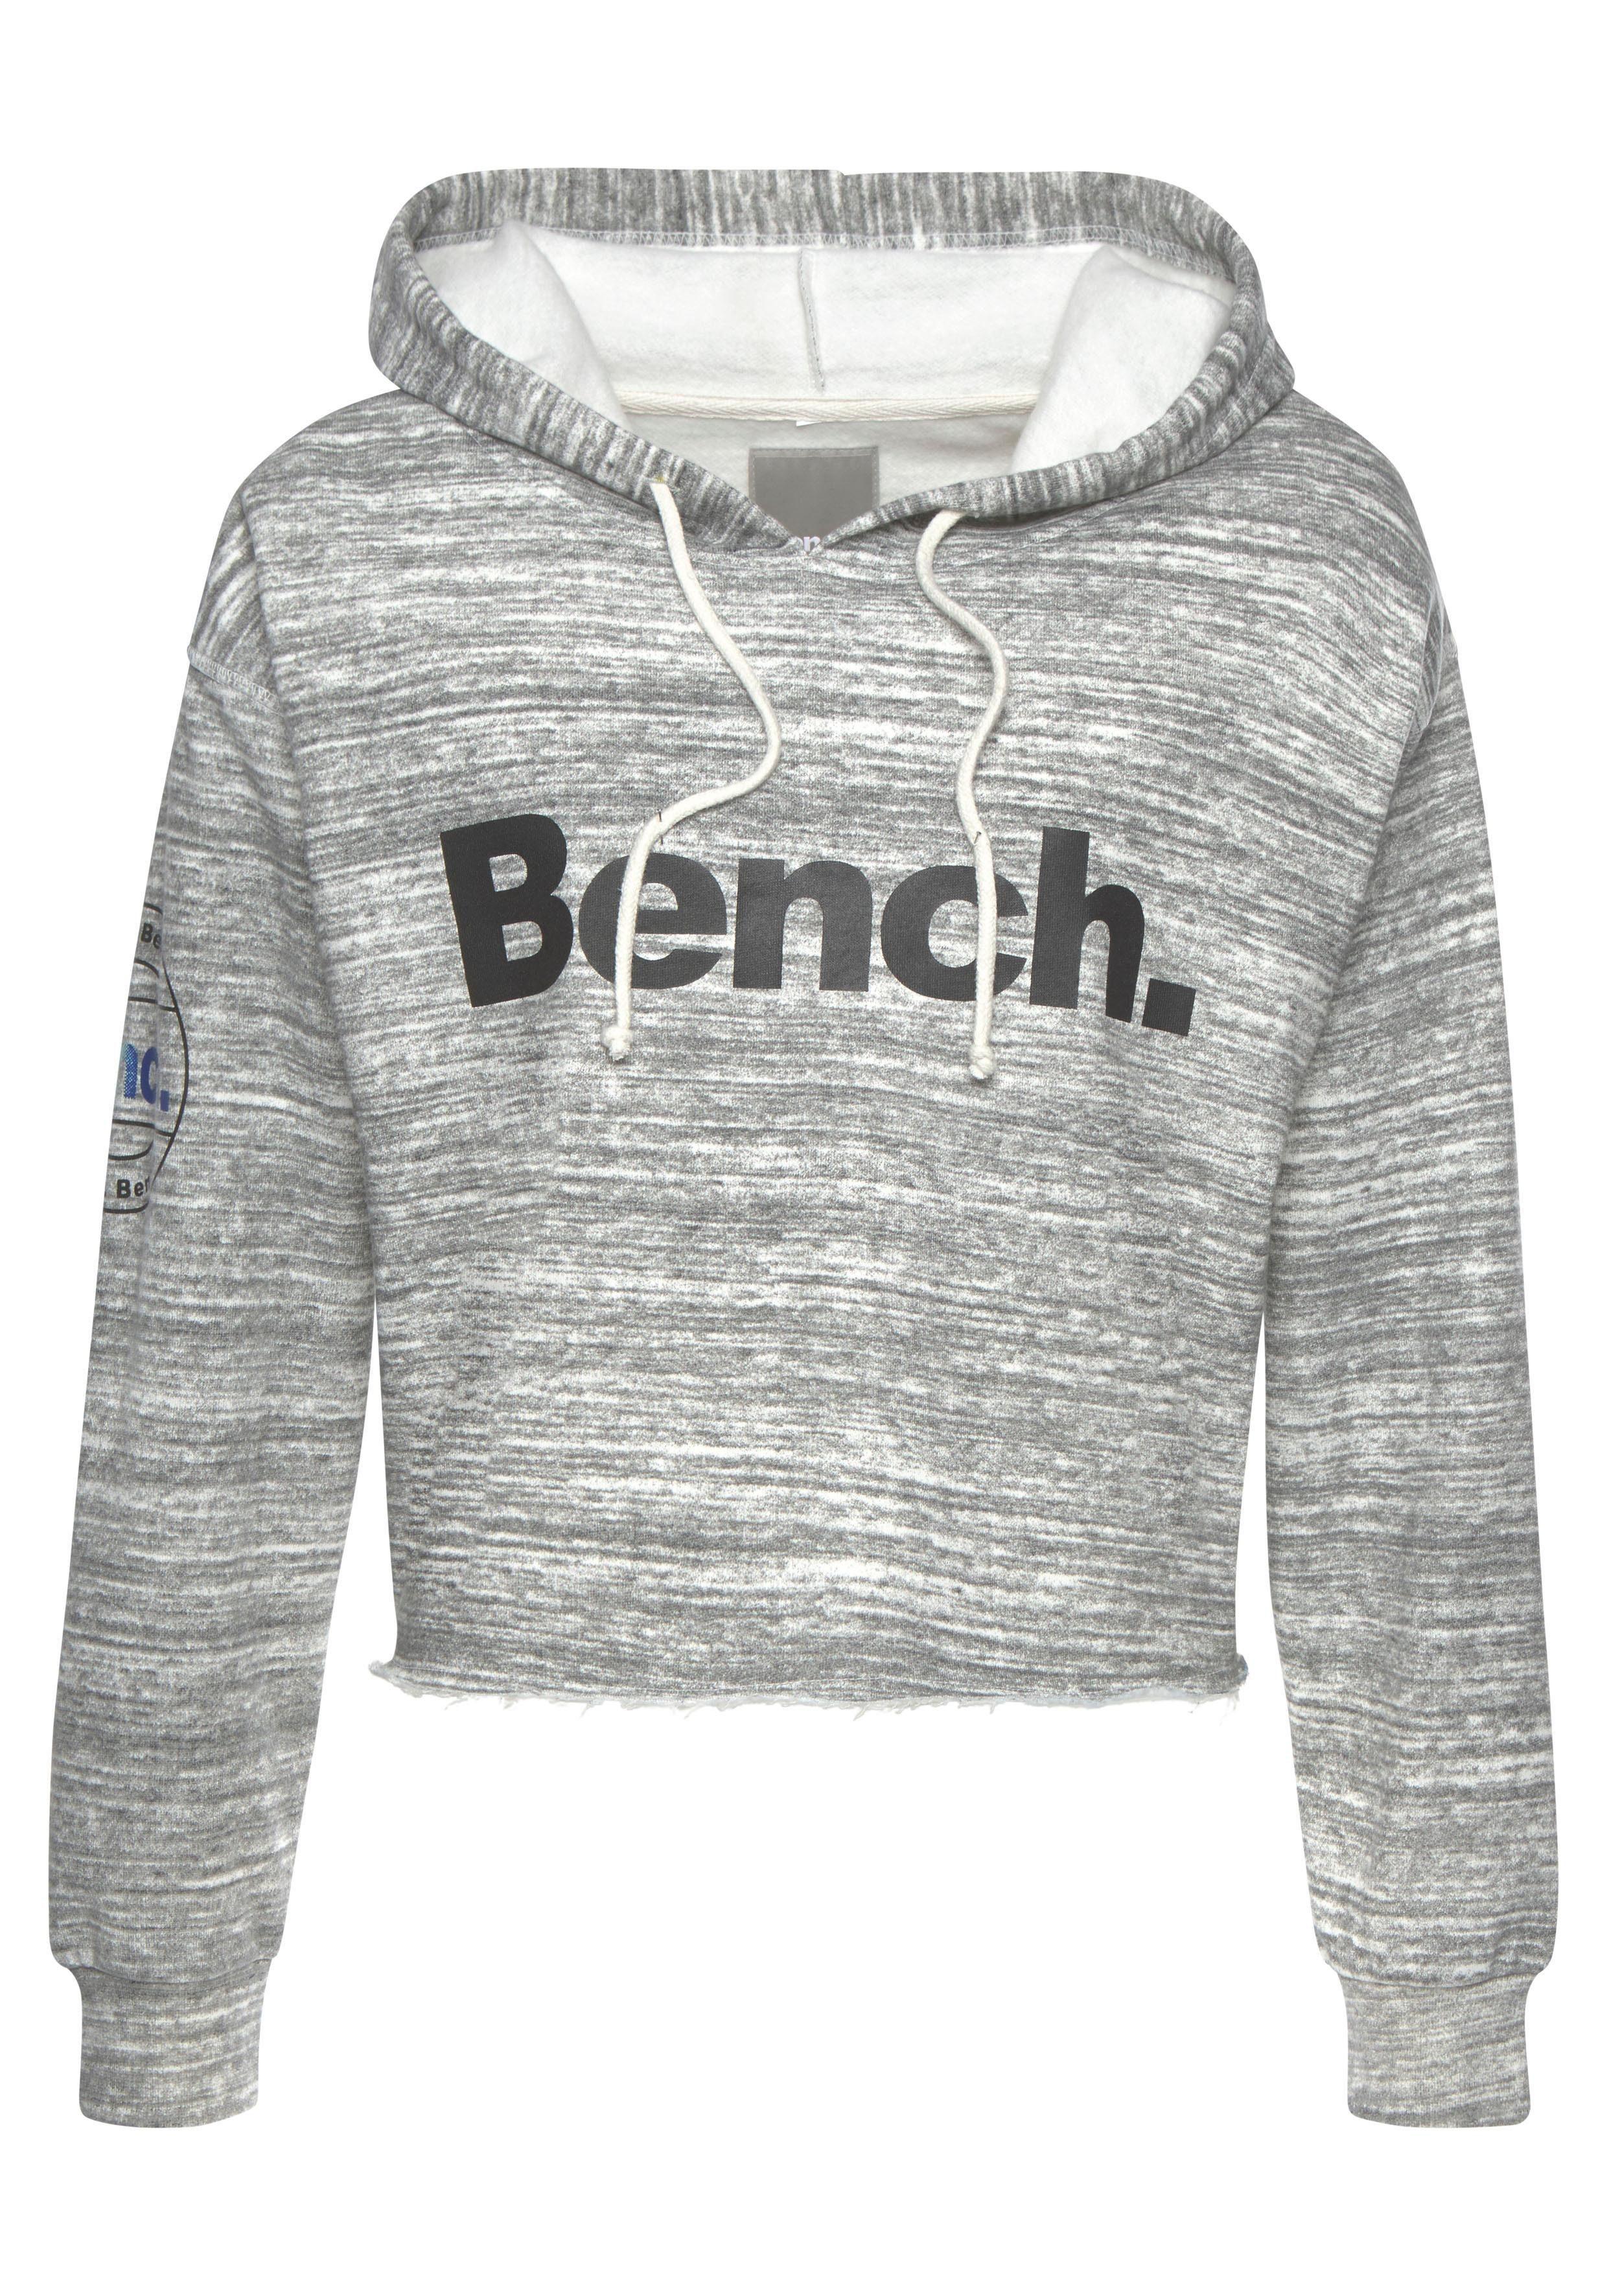 BenchSweatshirt Kaufen BenchSweatshirt Online BenchSweatshirt Kaufen Online yvmNn0wO8